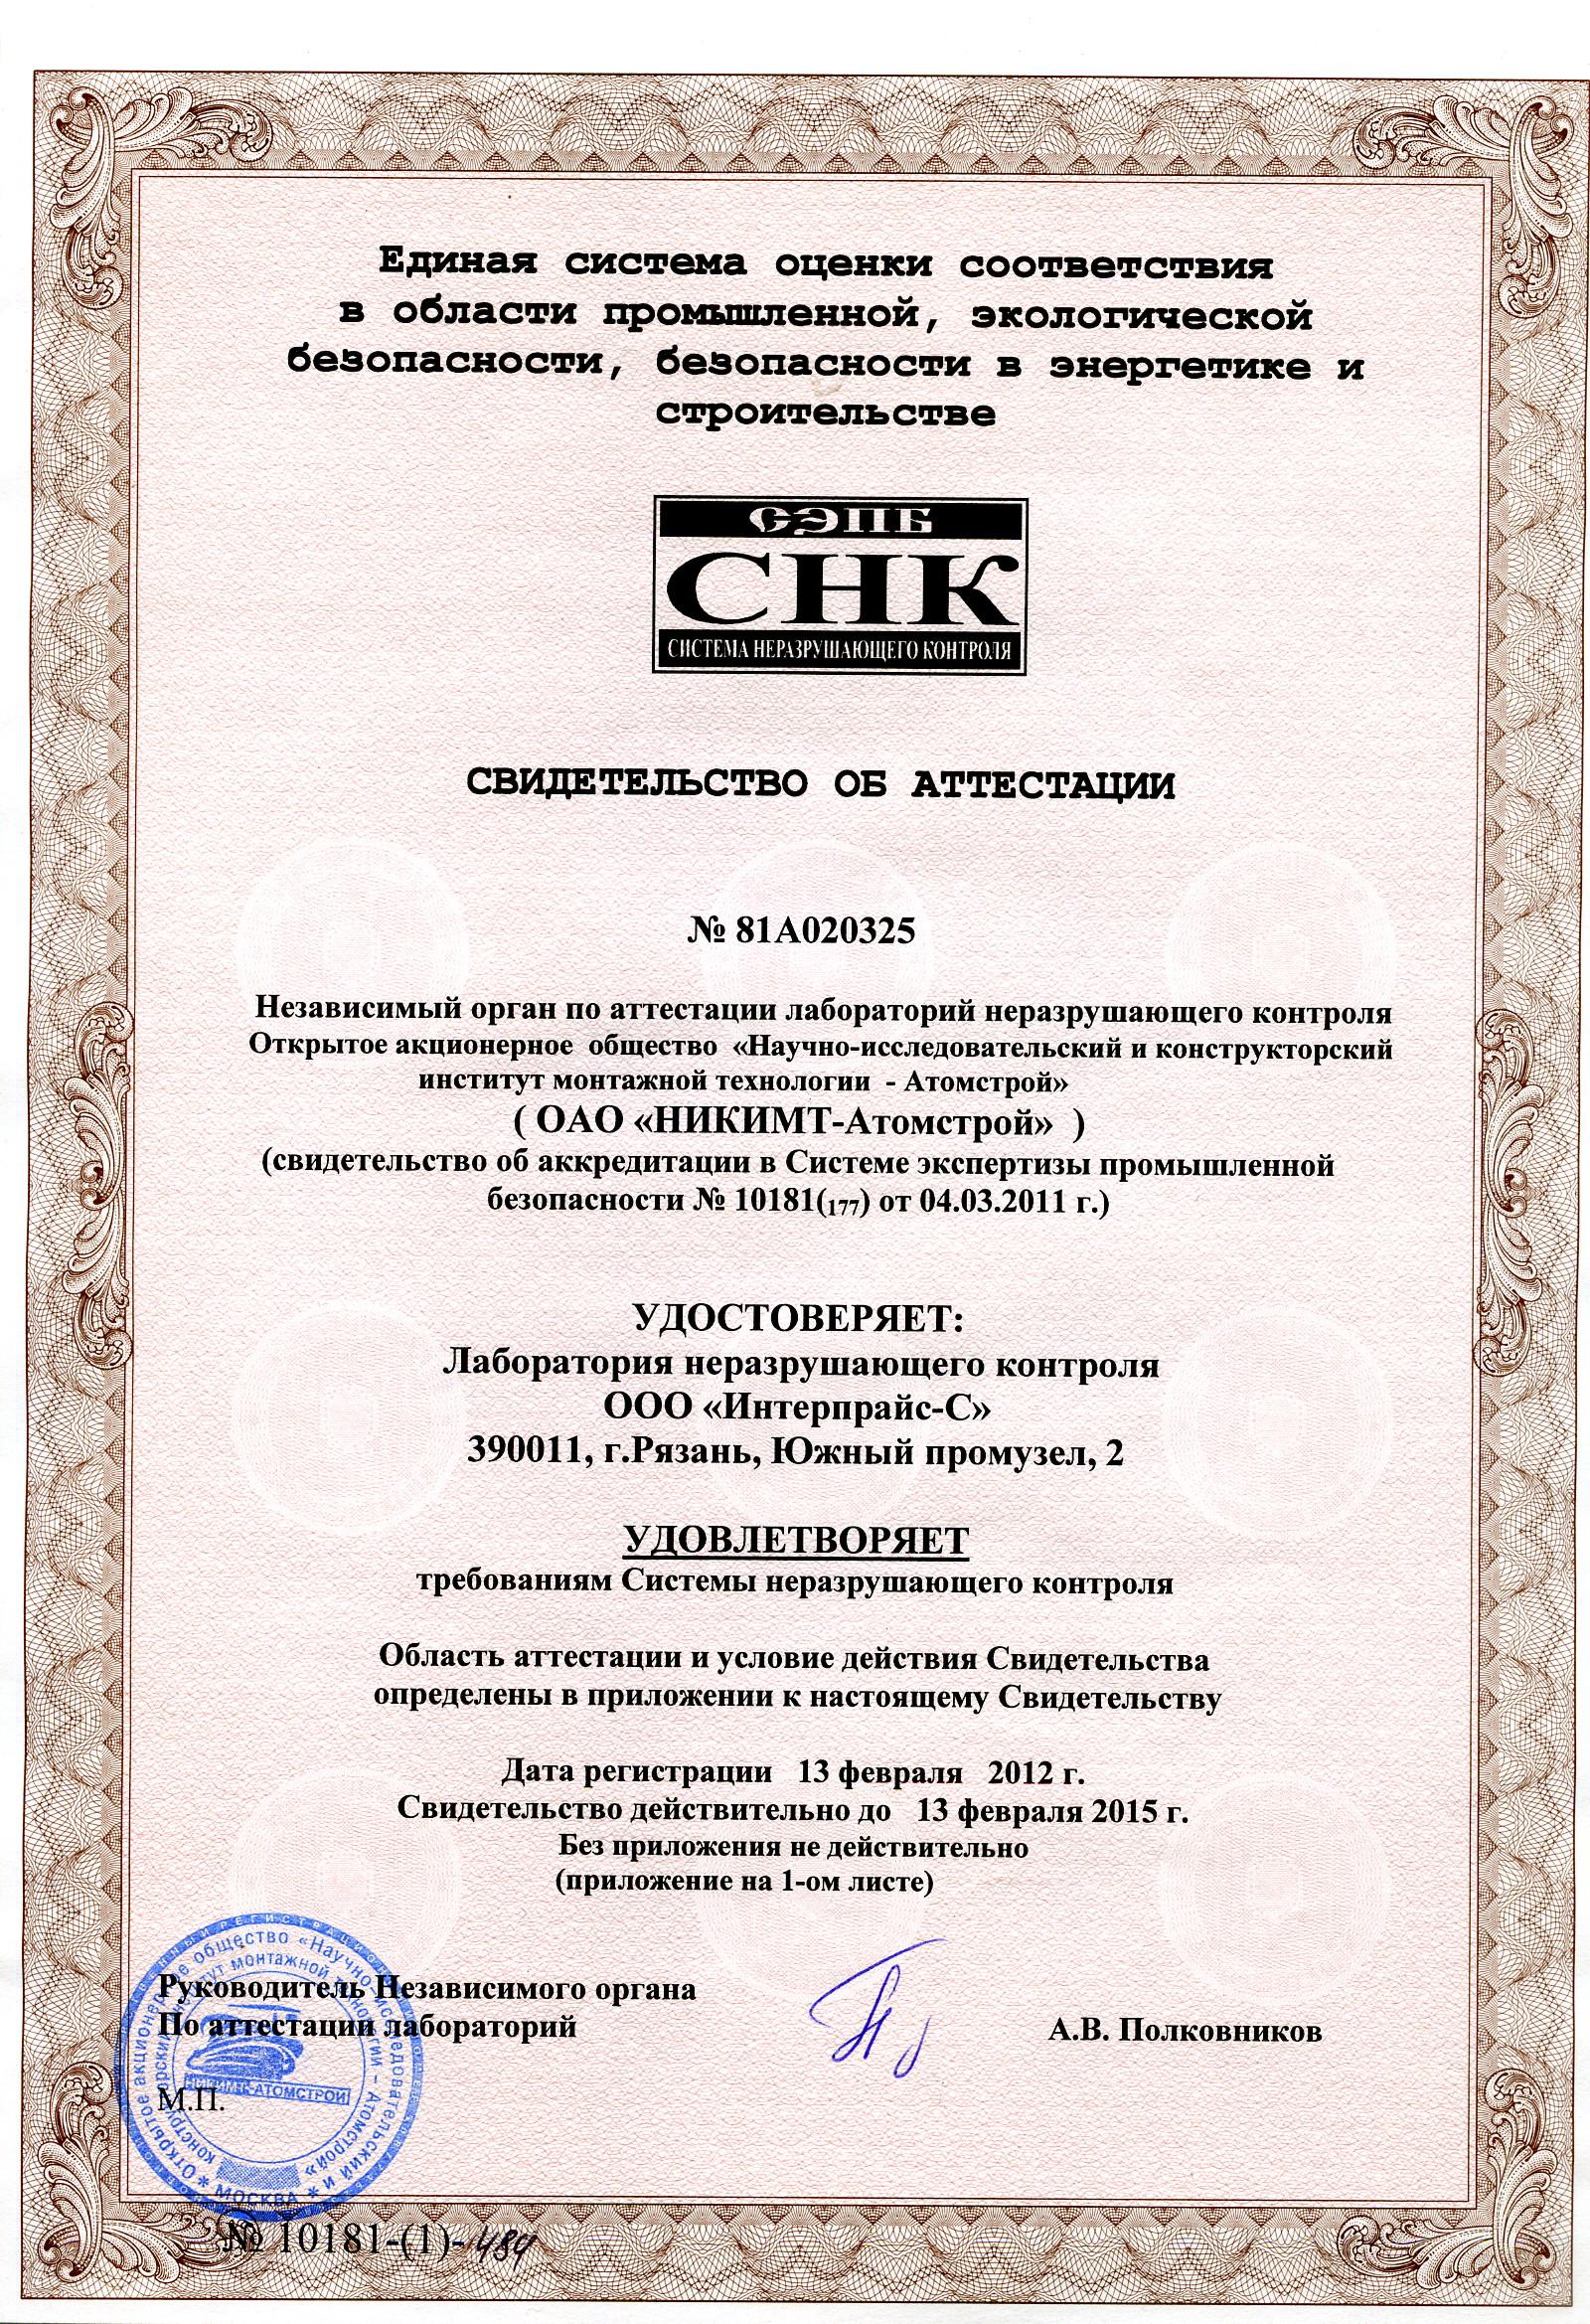 Инструкция По Техническому Надзору, Методам Ревизии